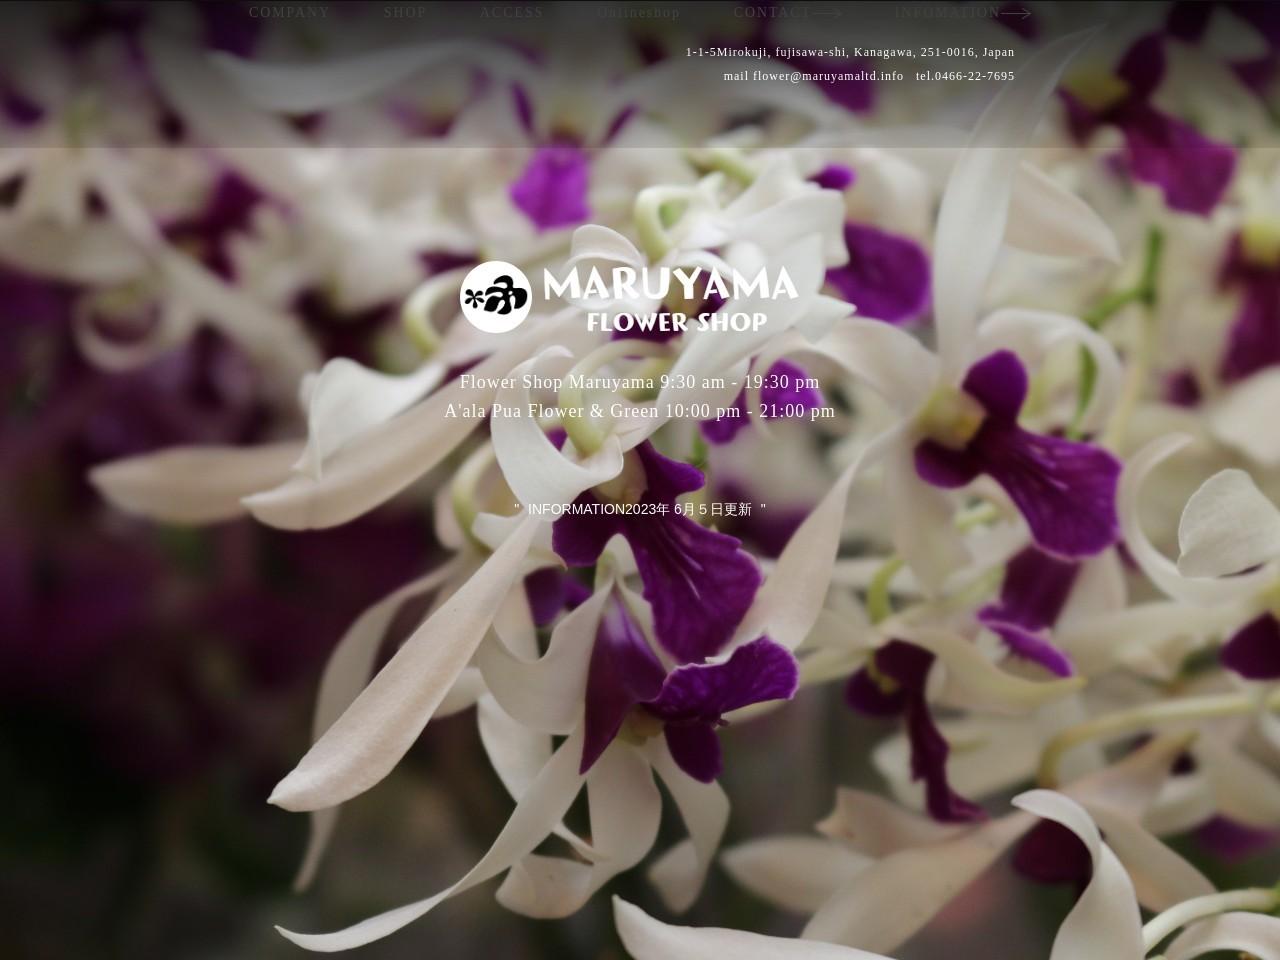 アーラプア(A'alaPua)Flower&Green